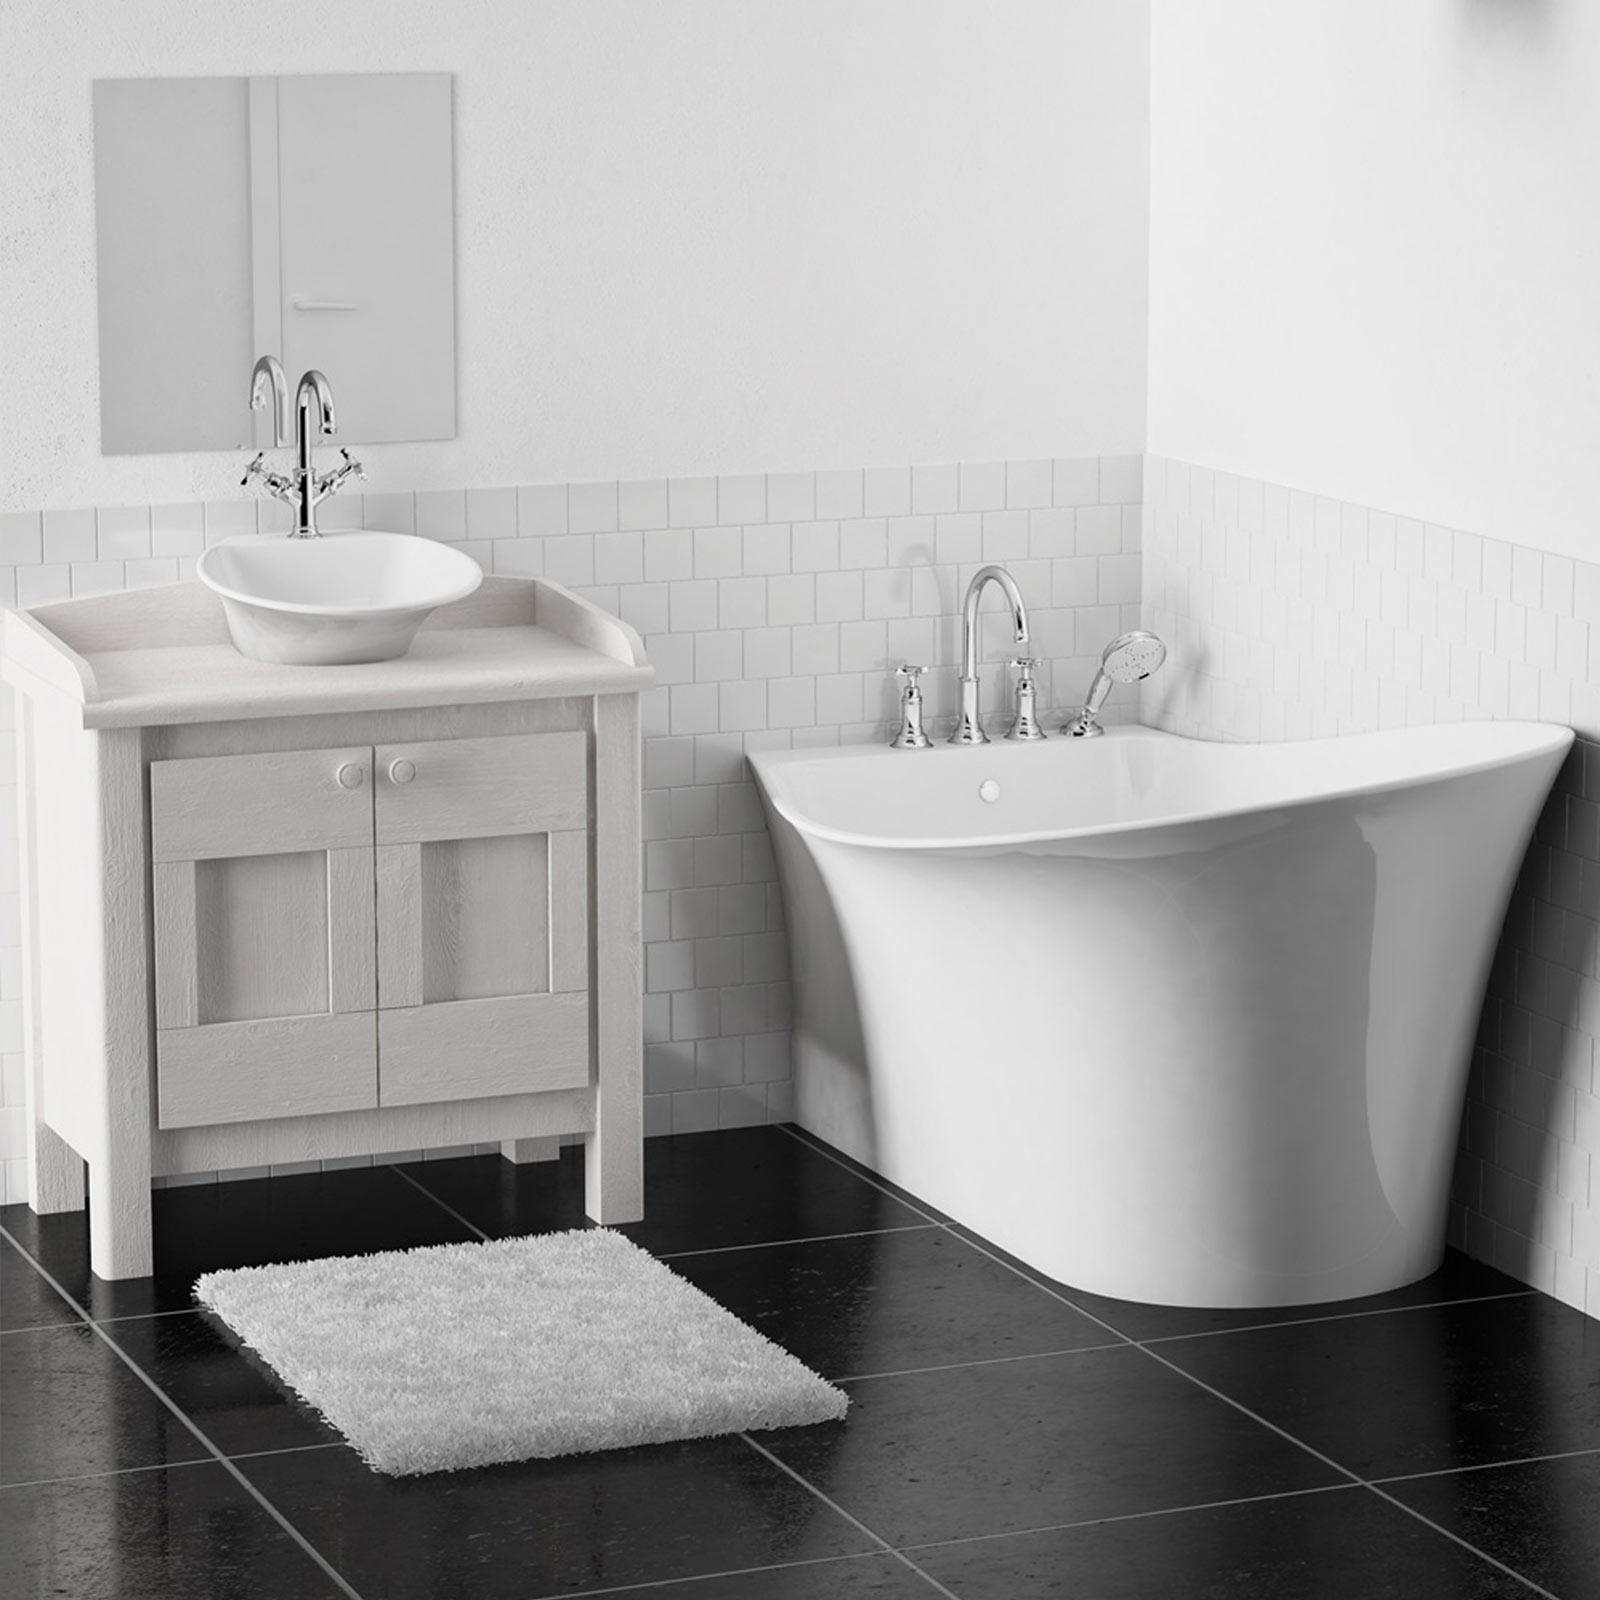 Baignoires lots meubles de salle de bains baignoires for Baignoire ilot carre